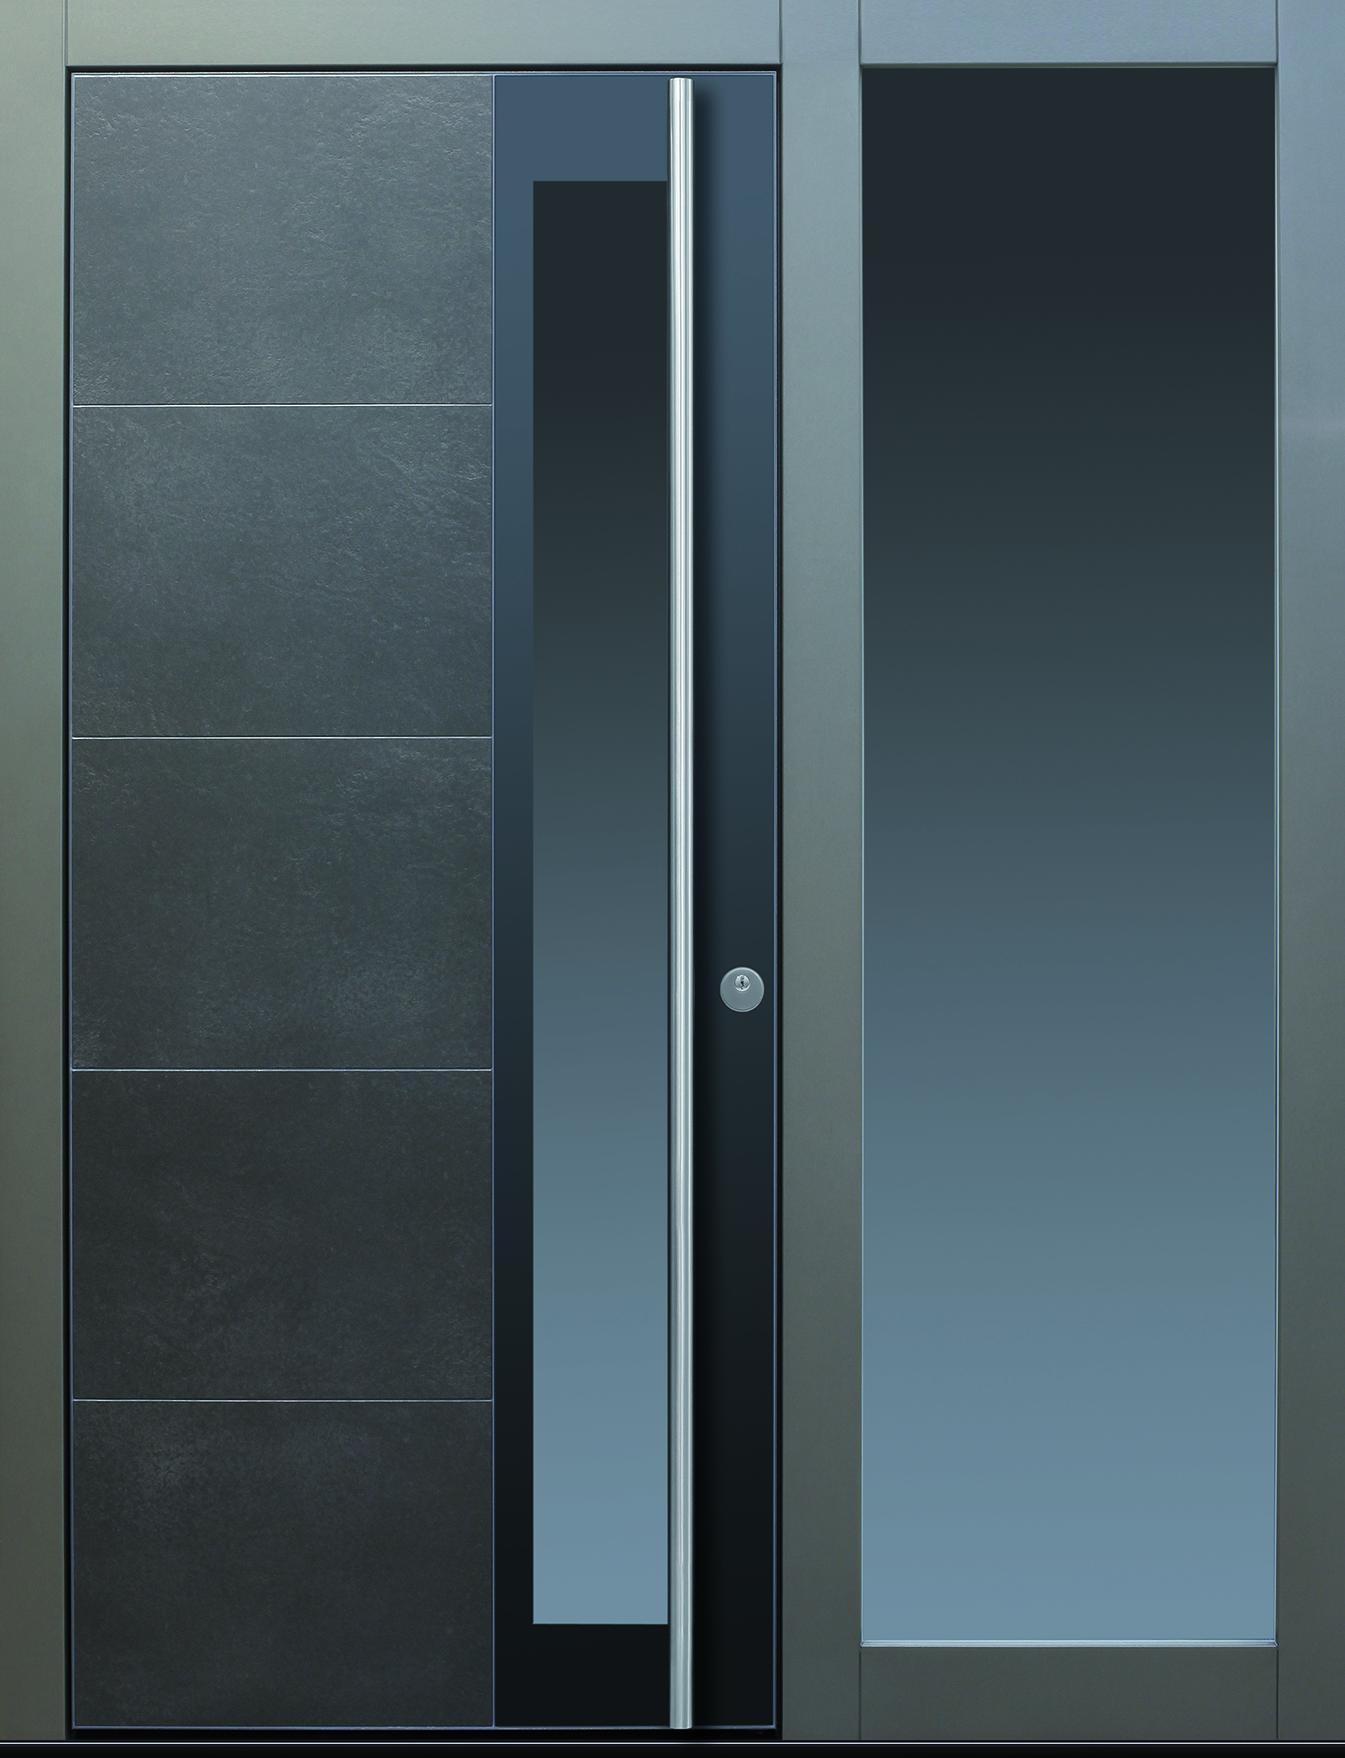 Haustüren modern mit seitenteil  TOPIC - Haustüren von Meisterhand TOPIC - die Türenmanufaktur